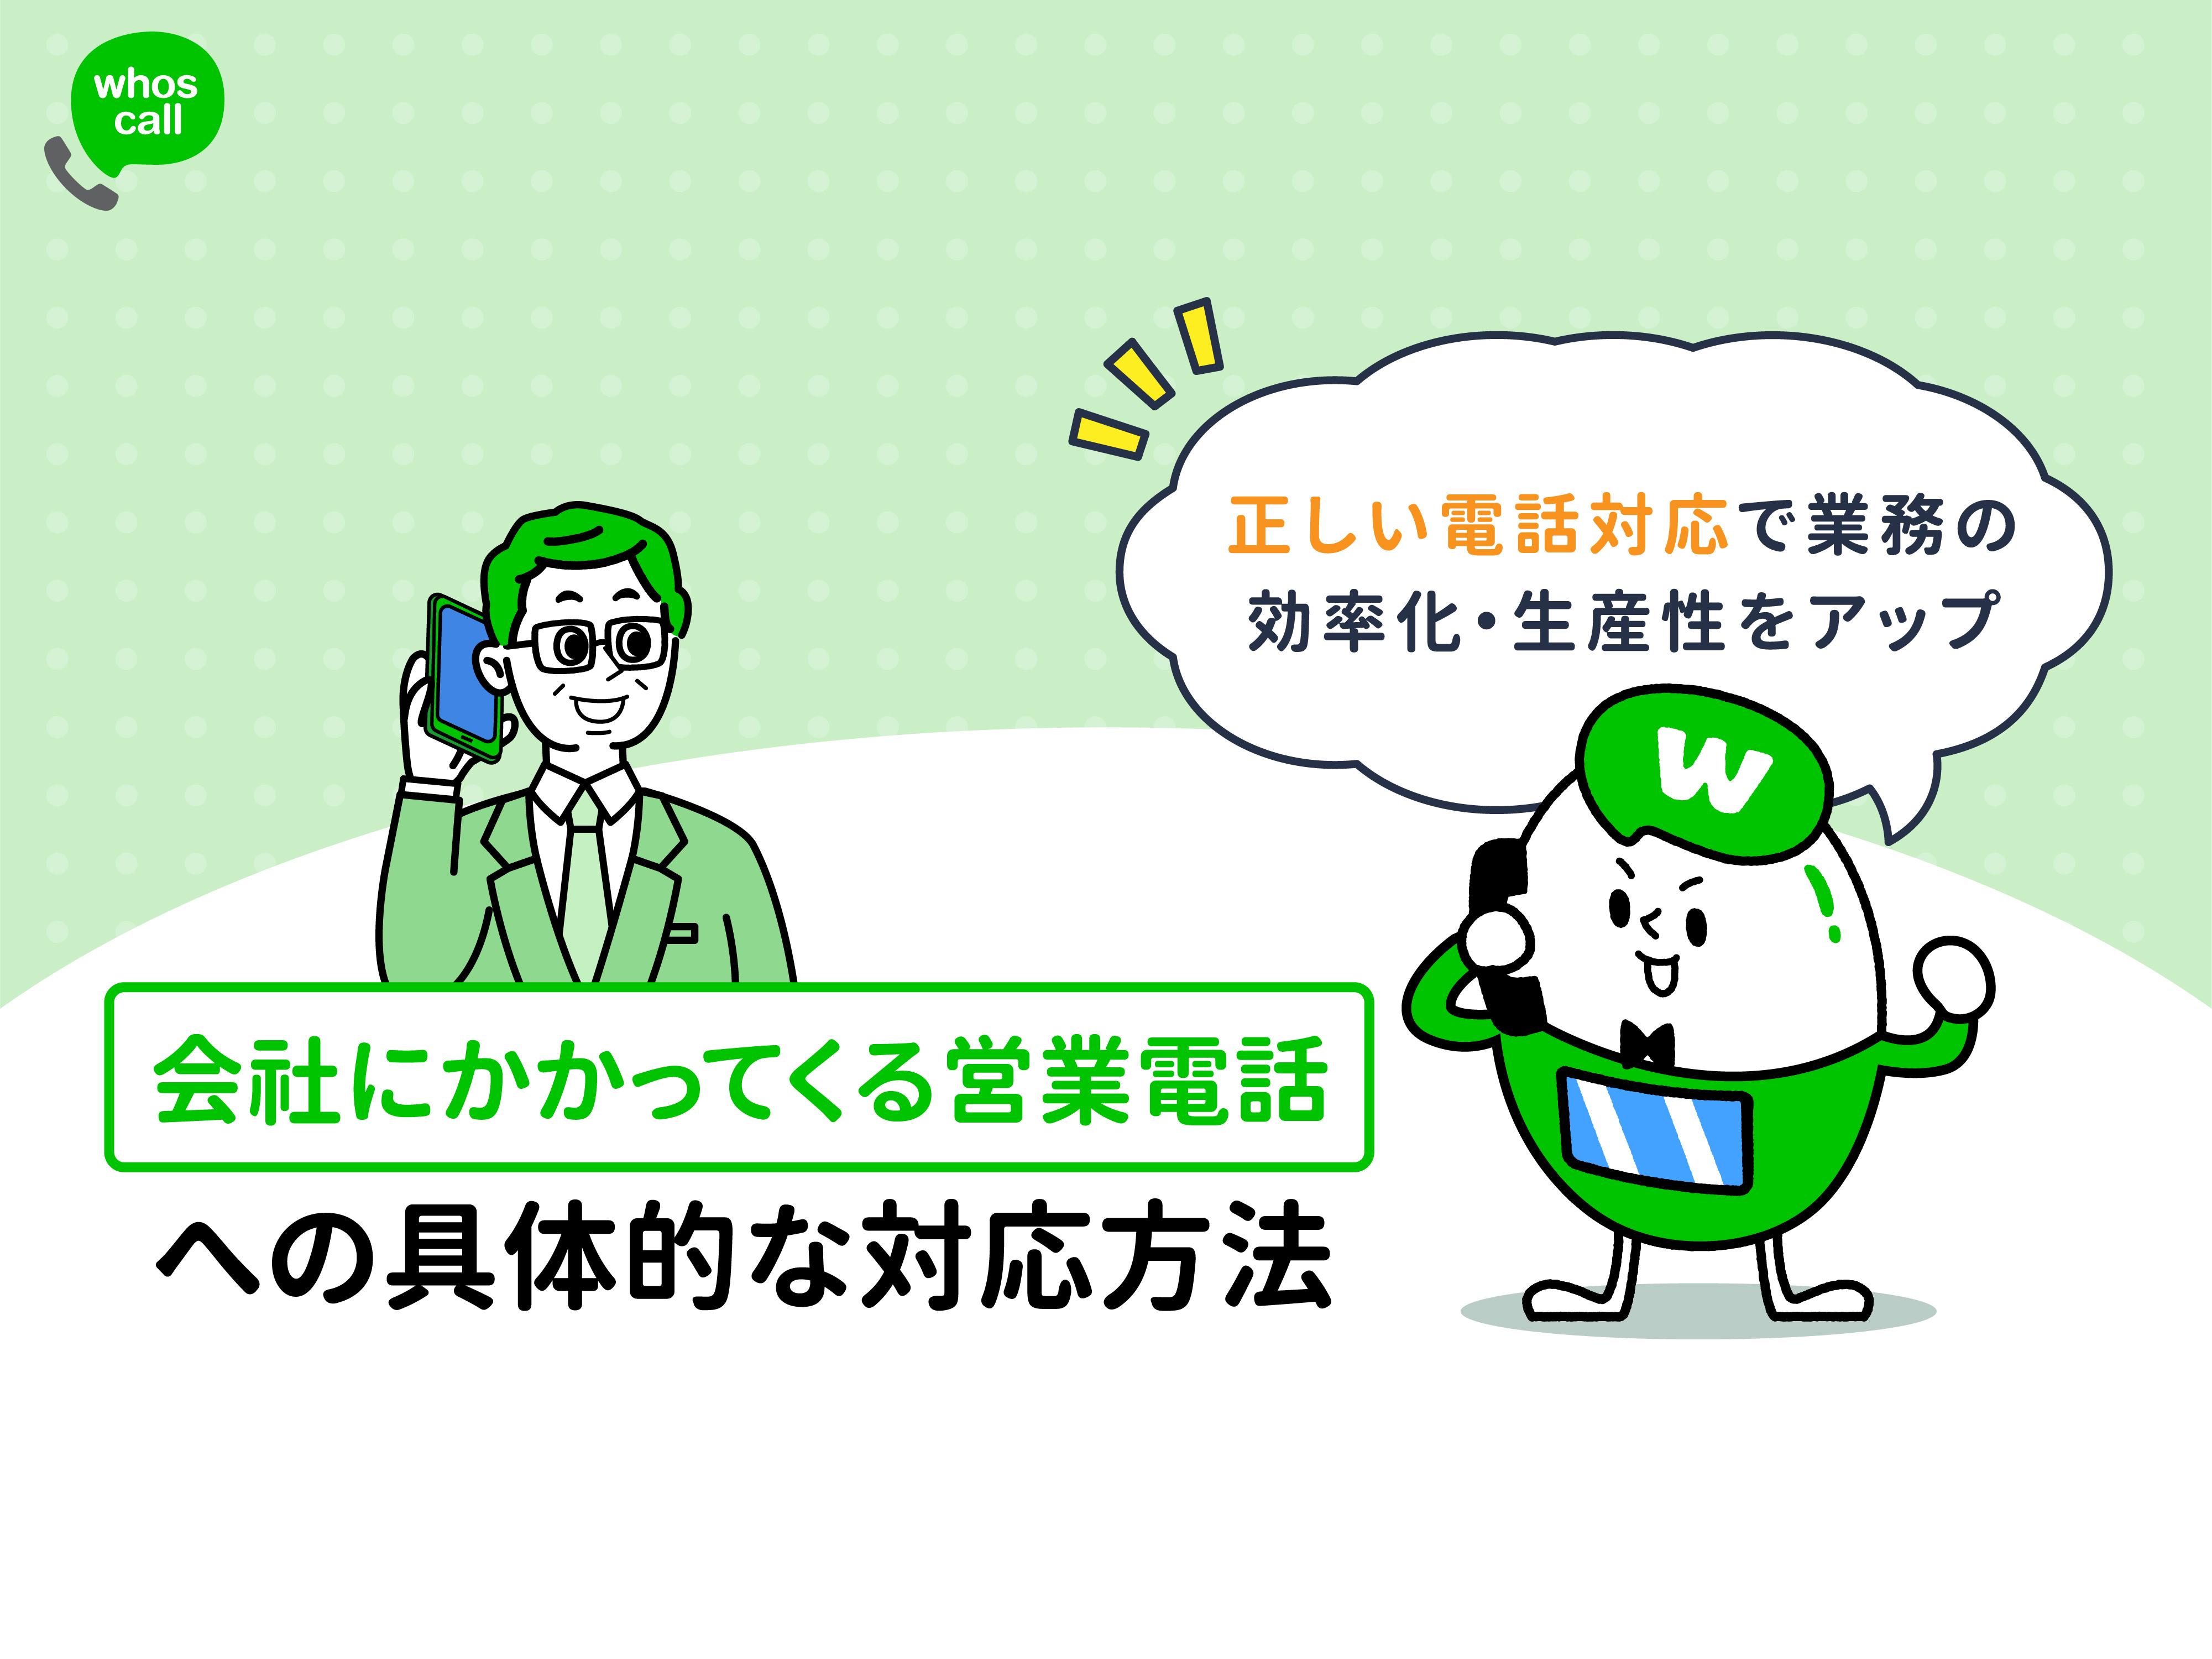 【例文付き】会社にかかってくる営業電話への具体的な対応方法で、業務の効率化・生産性をアップ!